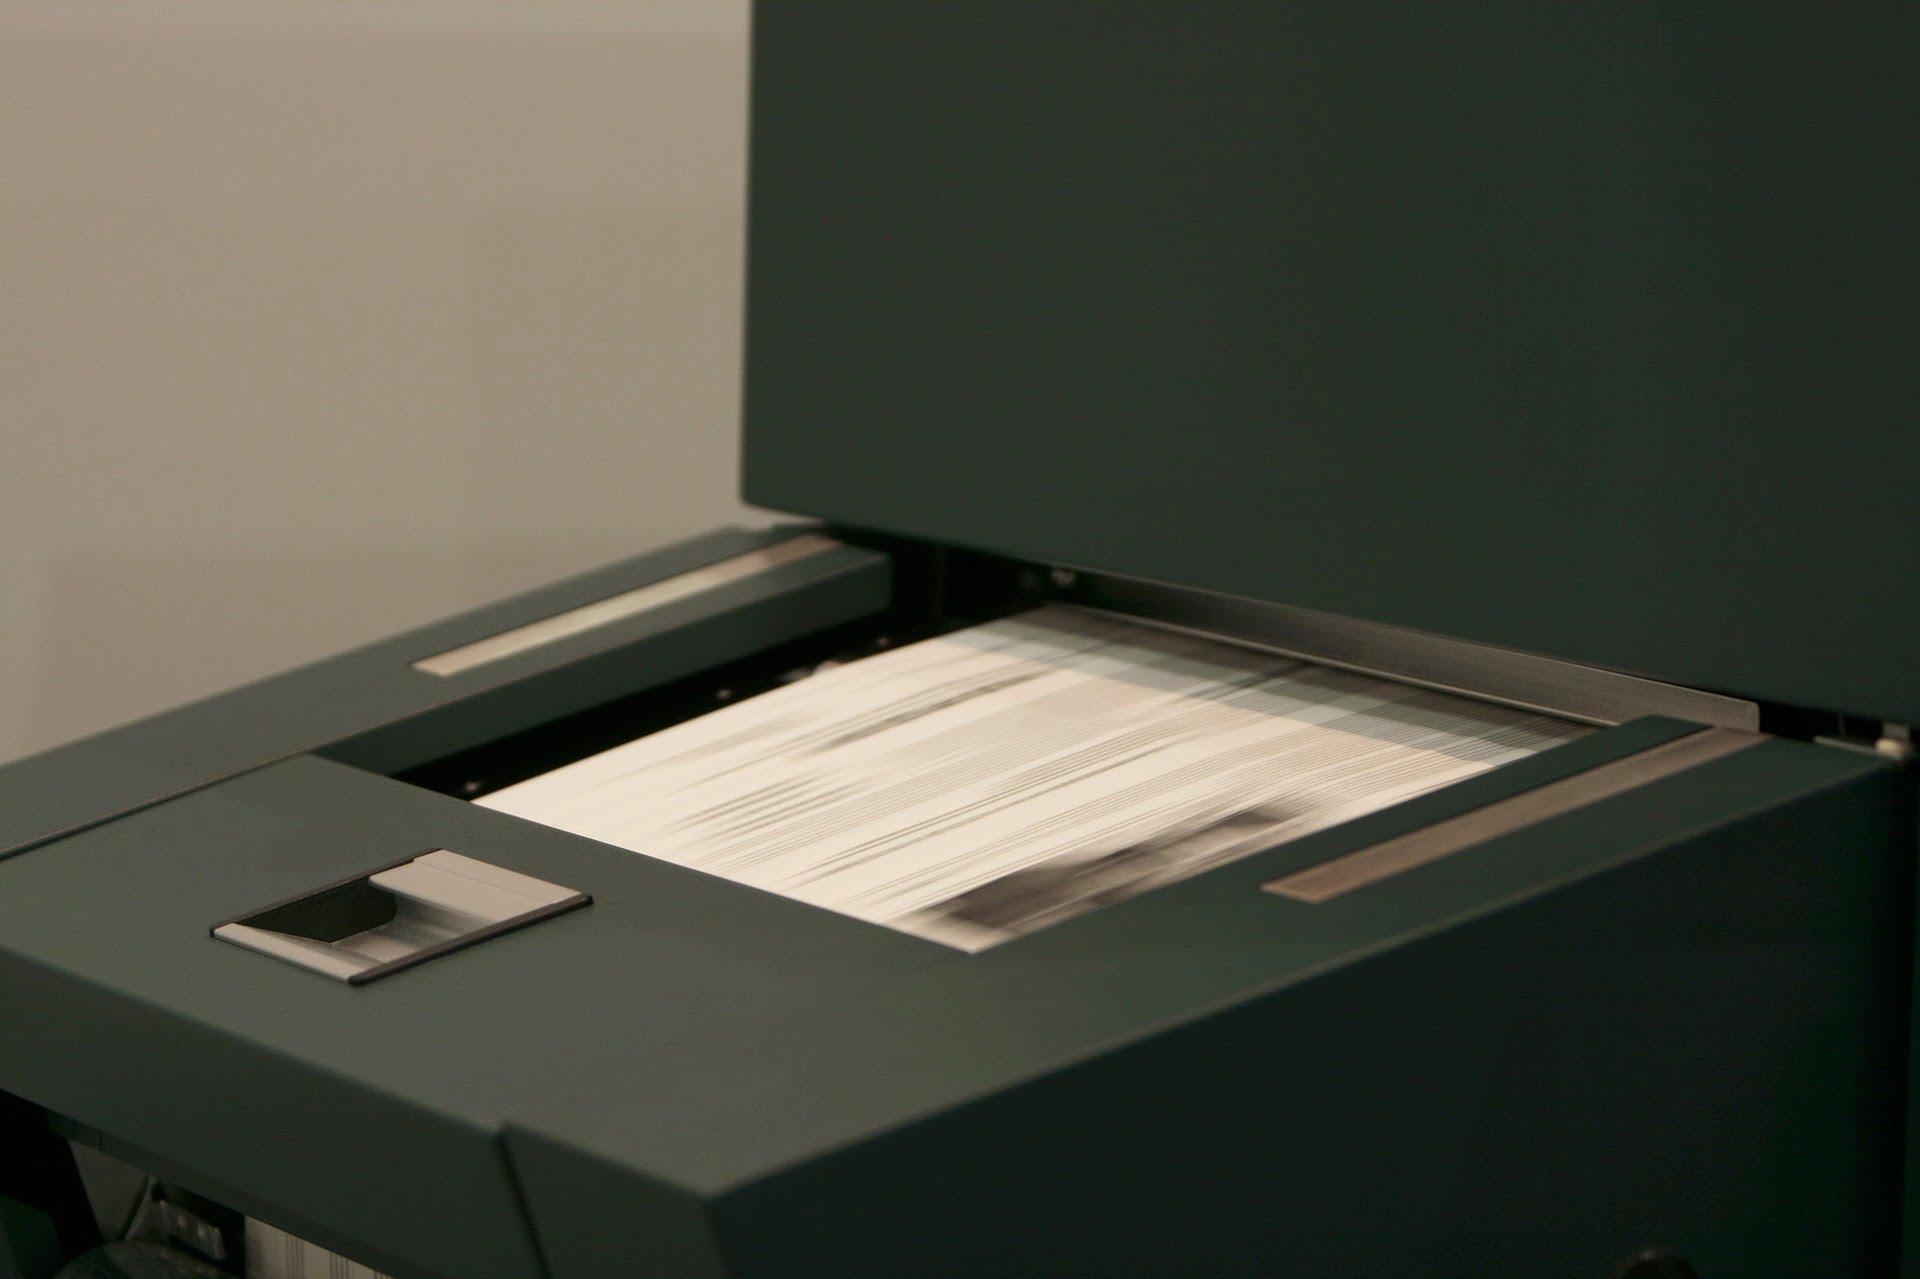 Spiraljenje koledarjev, tisk majic, novoletni program, koledarji, tisk na majice, tampotisk, sitotisk, potisk poslovnih daril, poslovna darila, D-design 106